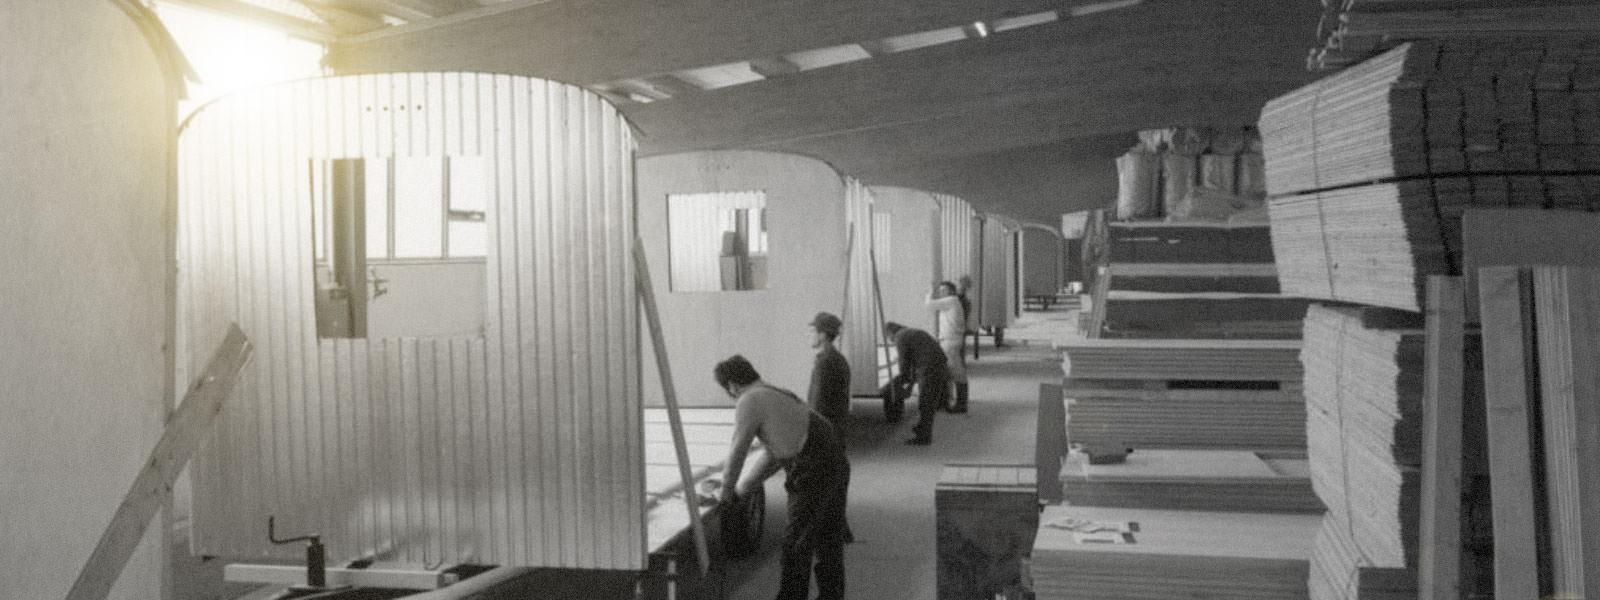 Modulbau- und Containerbauerfahrung seit Jahrzehnten bei EBERHARDT